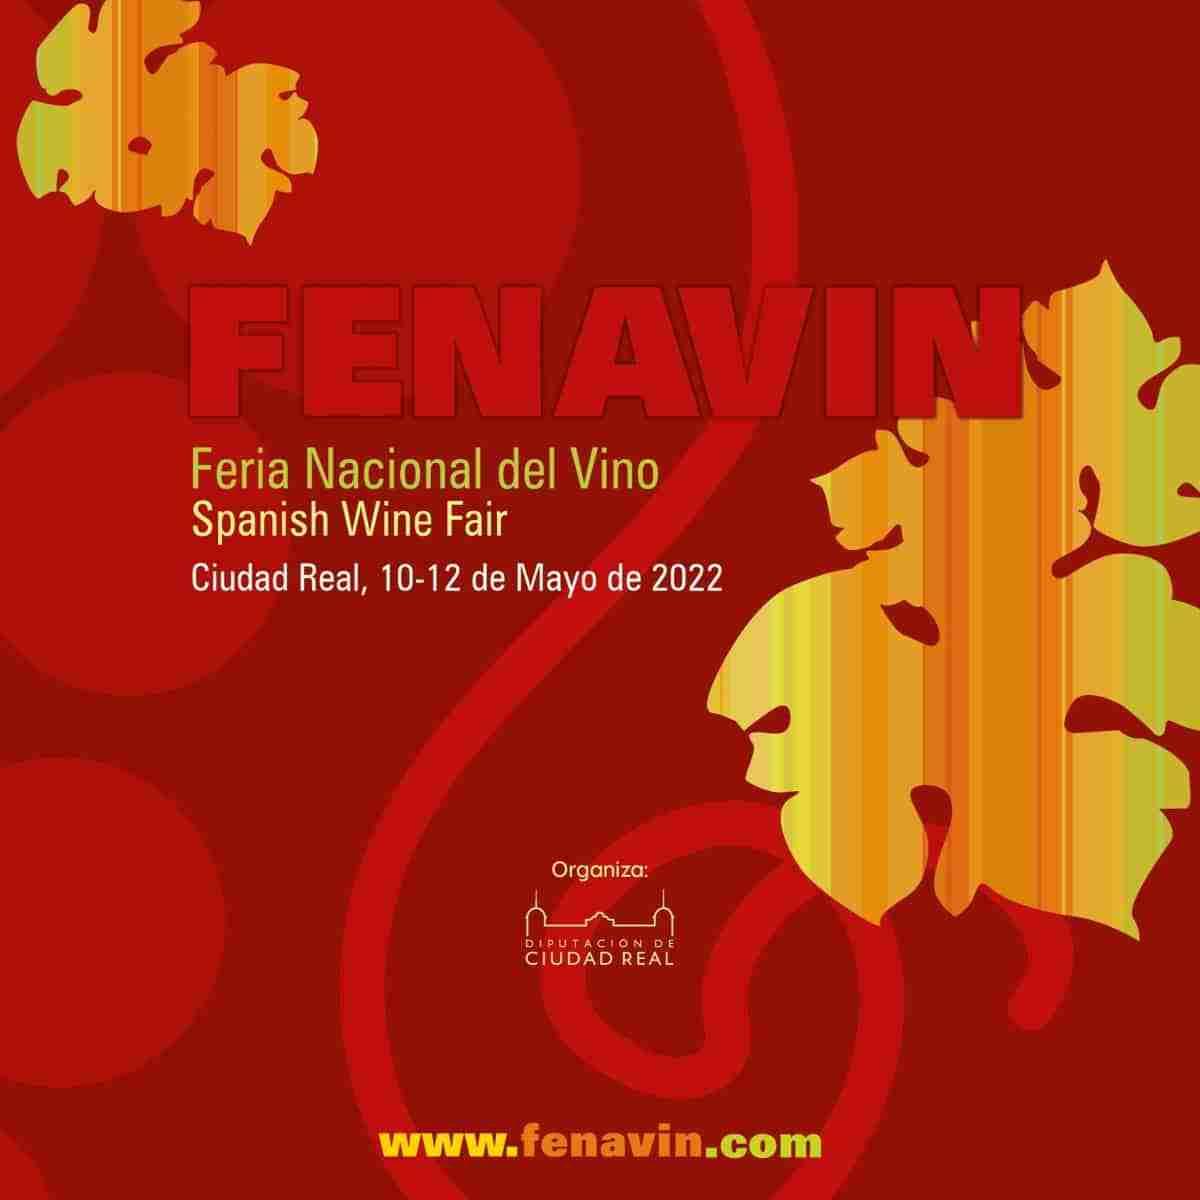 feria nacional del vino 2022 fenavin ciudad real